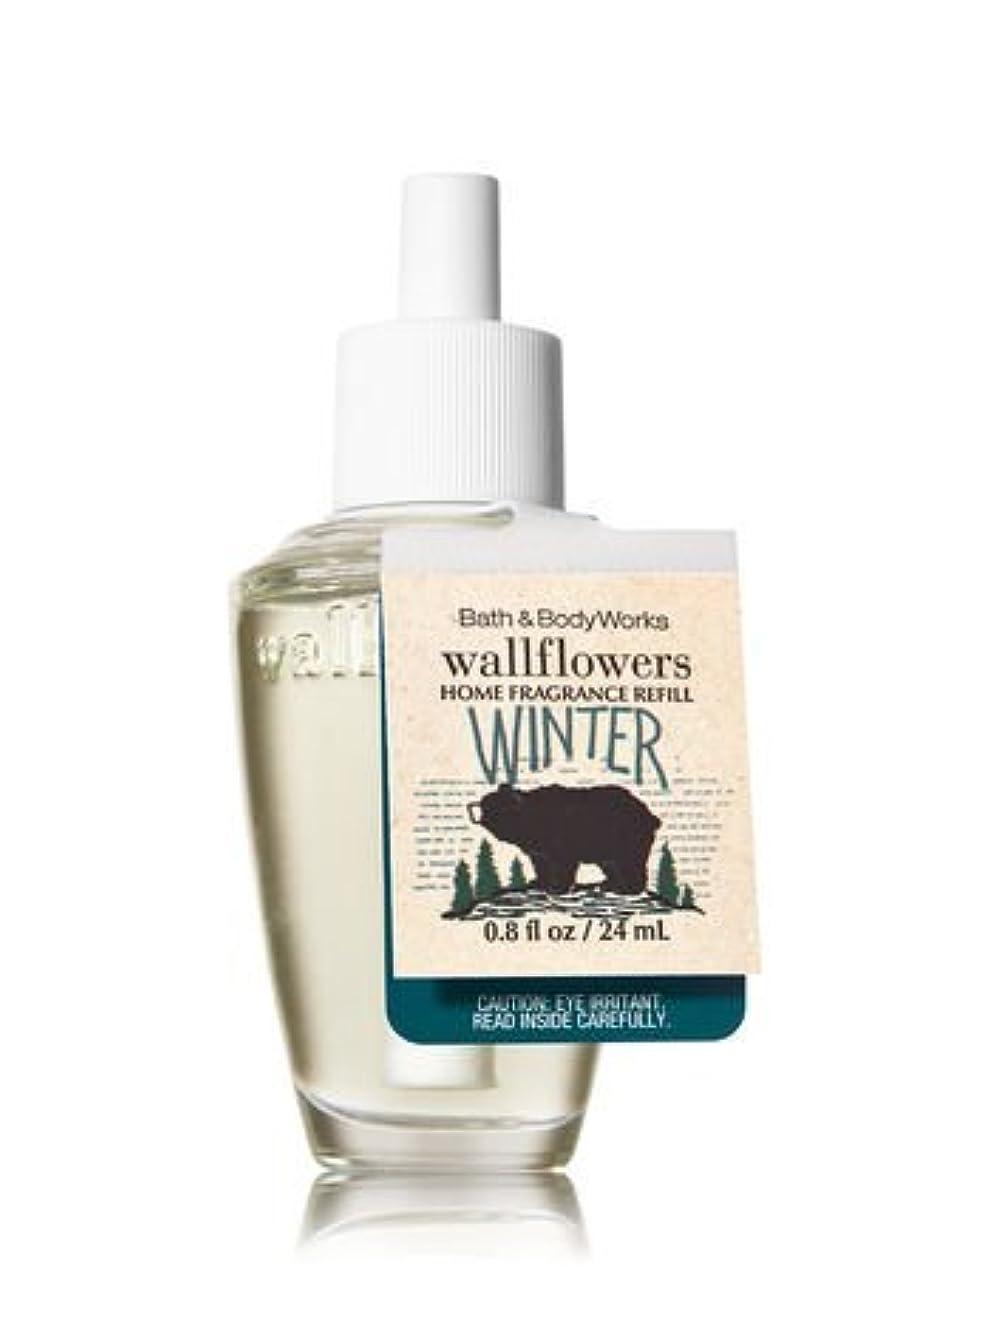 頬規則性プラットフォーム【Bath&Body Works/バス&ボディワークス】 ルームフレグランス 詰替えリフィル ウィンター Wallflowers Home Fragrance Refill Winter [並行輸入品]